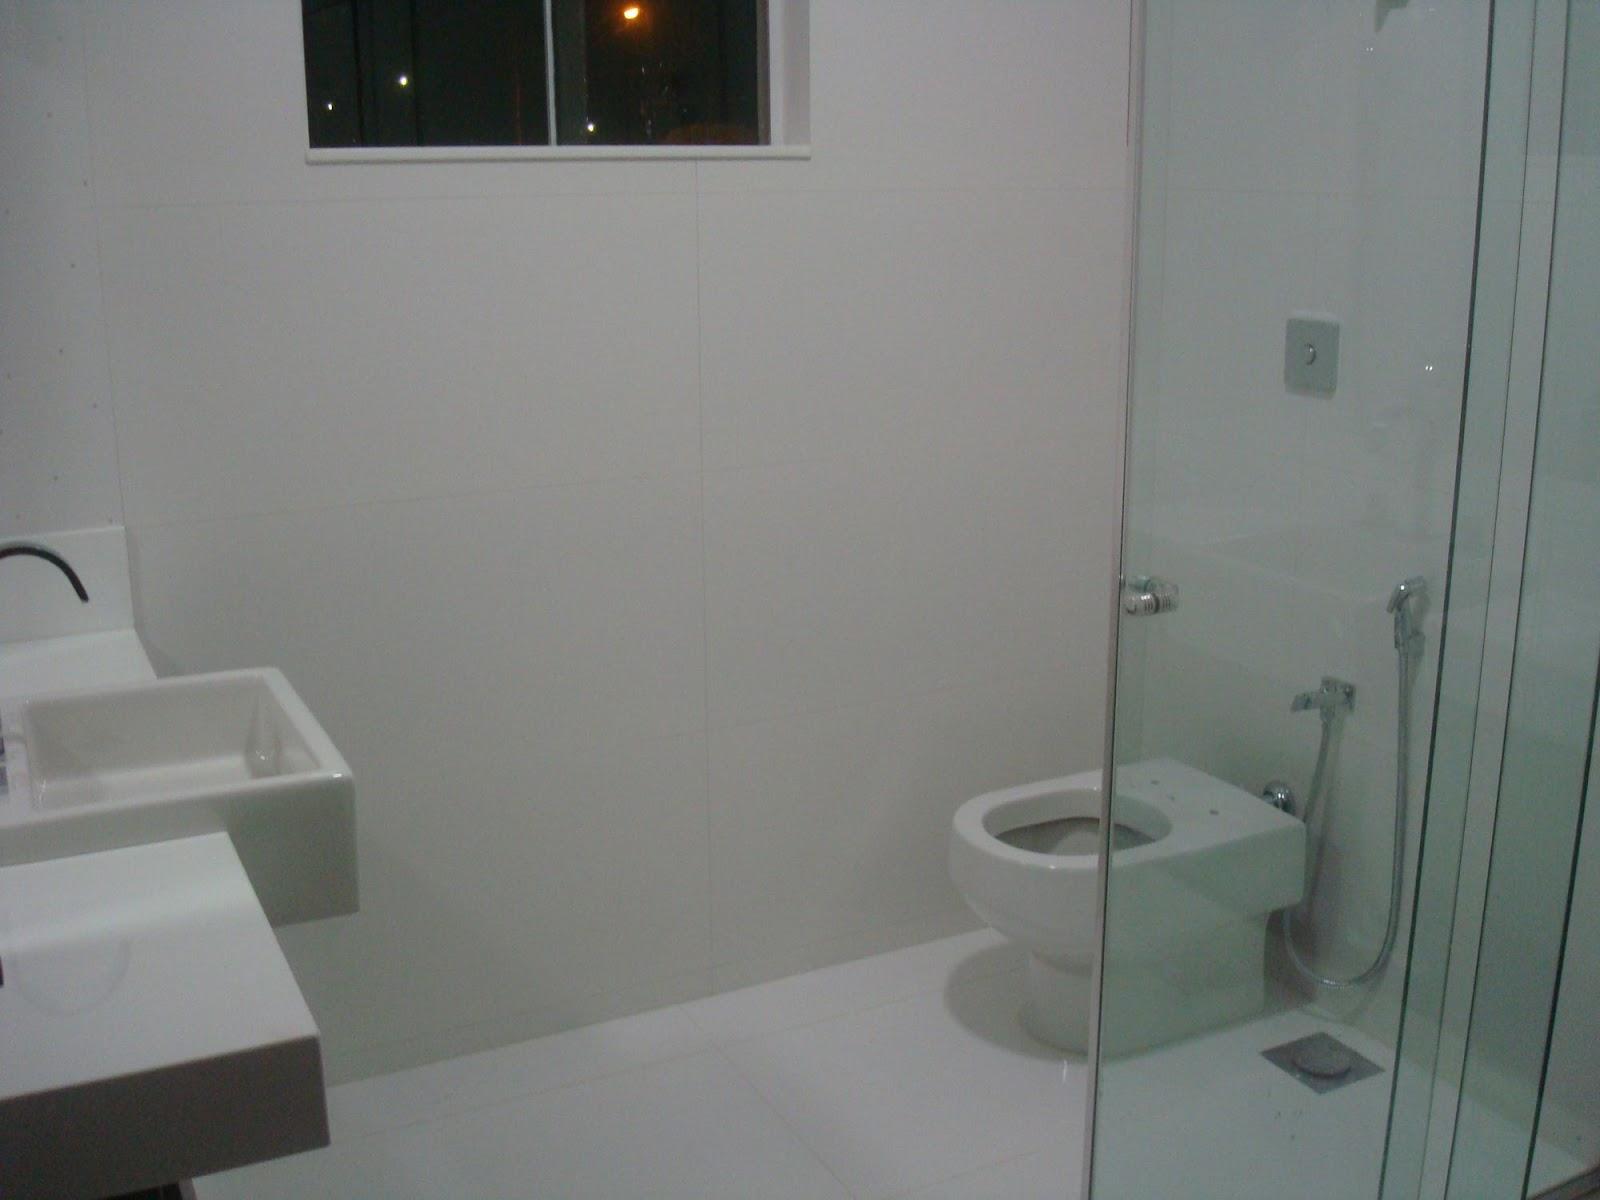 lavanderia mas o seu acabamento é acetinado (fosco sem brilho #67391C 1600x1200 Banheiro Branco Fosco